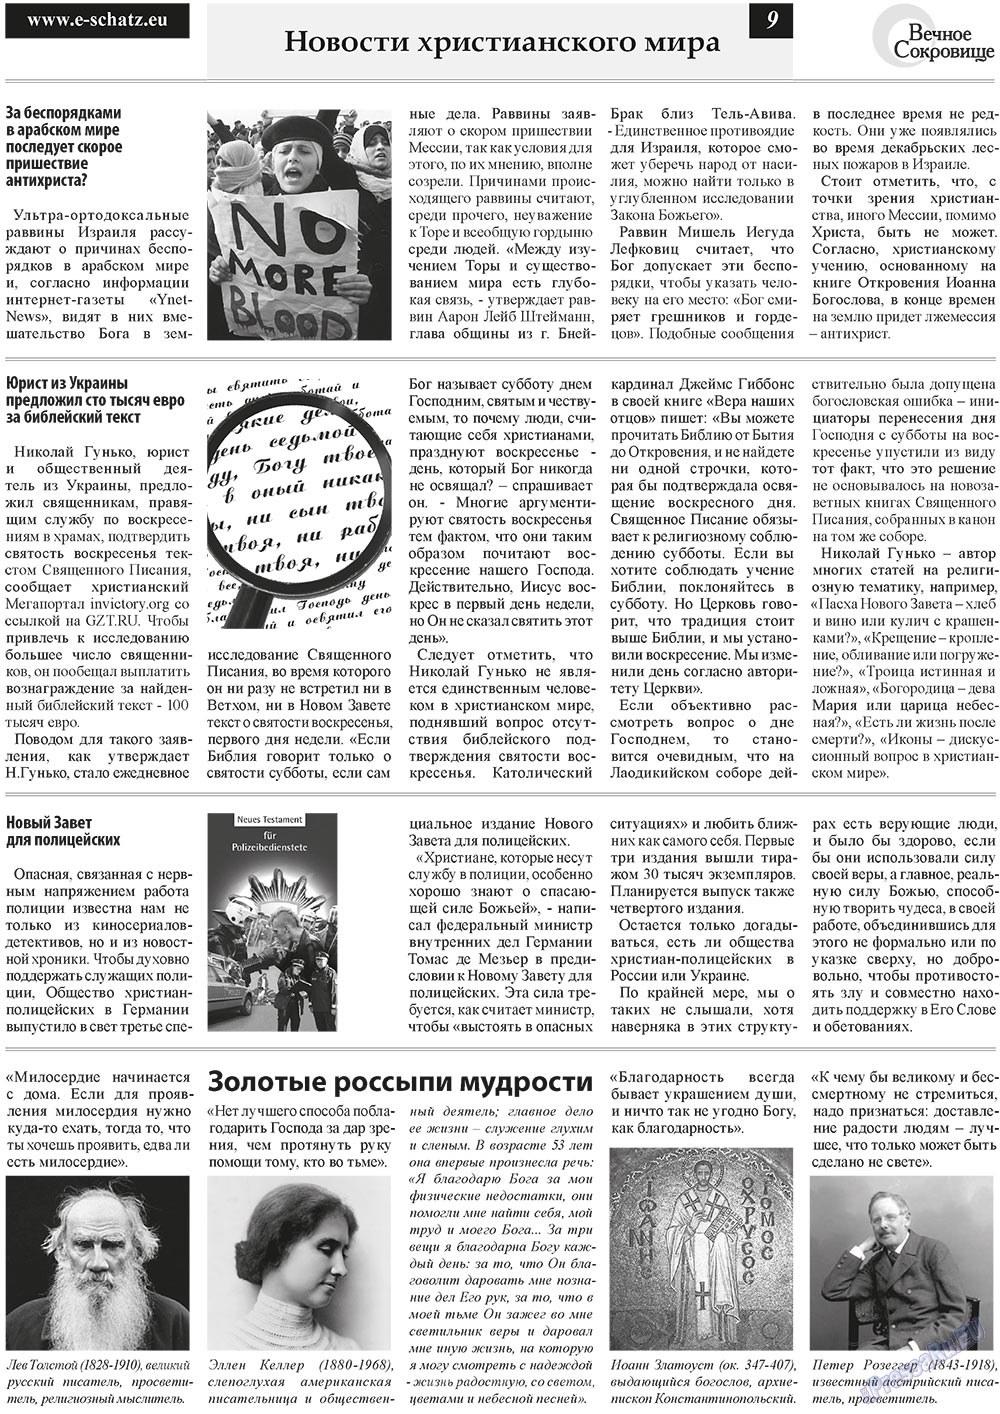 Вечное сокровище (газета). 2011 год, номер 2, стр. 9